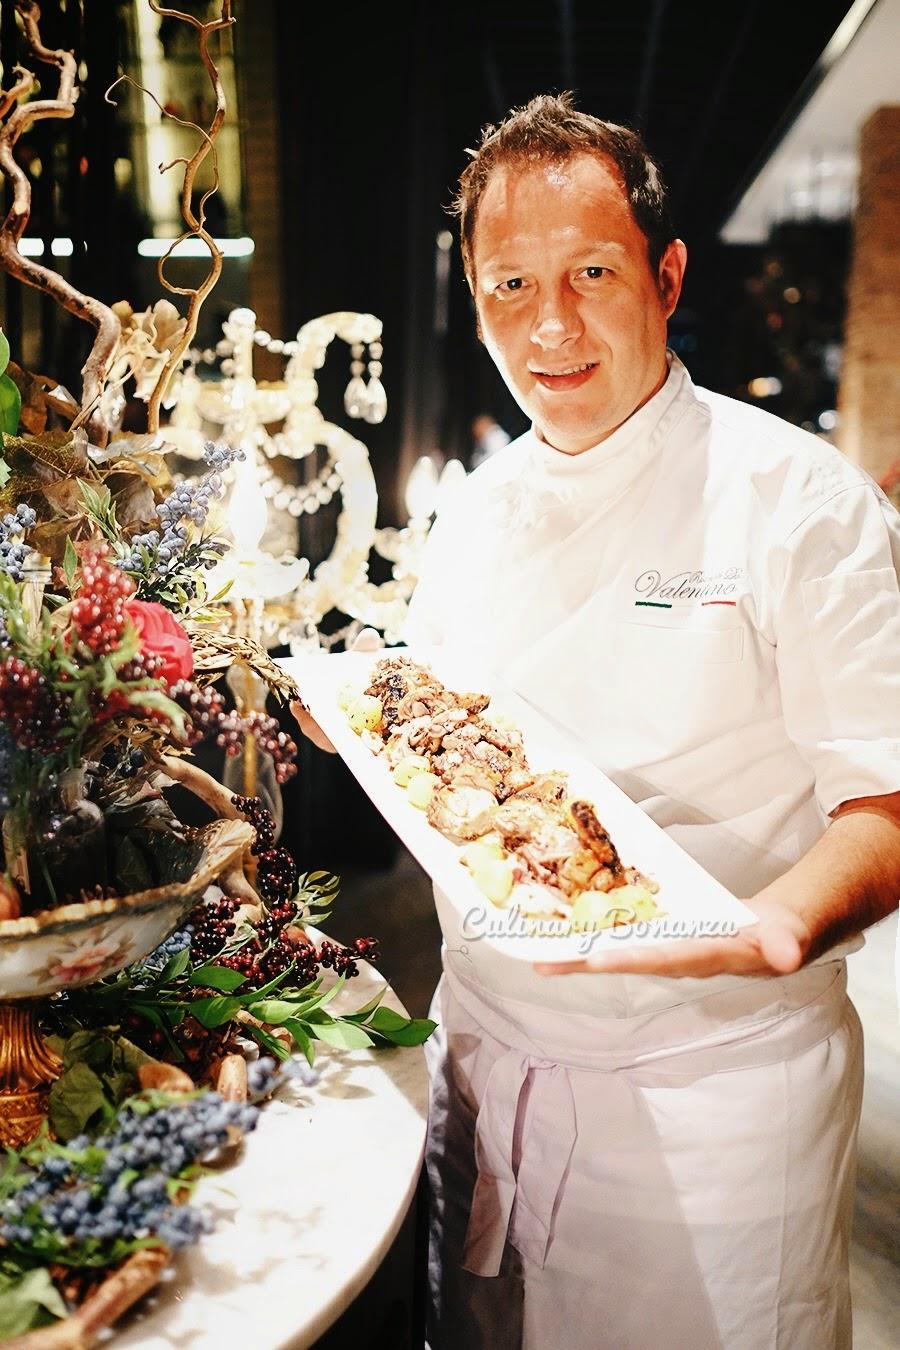 Chef Valentino Valtulina of Ristorante da Valentino Jakarta